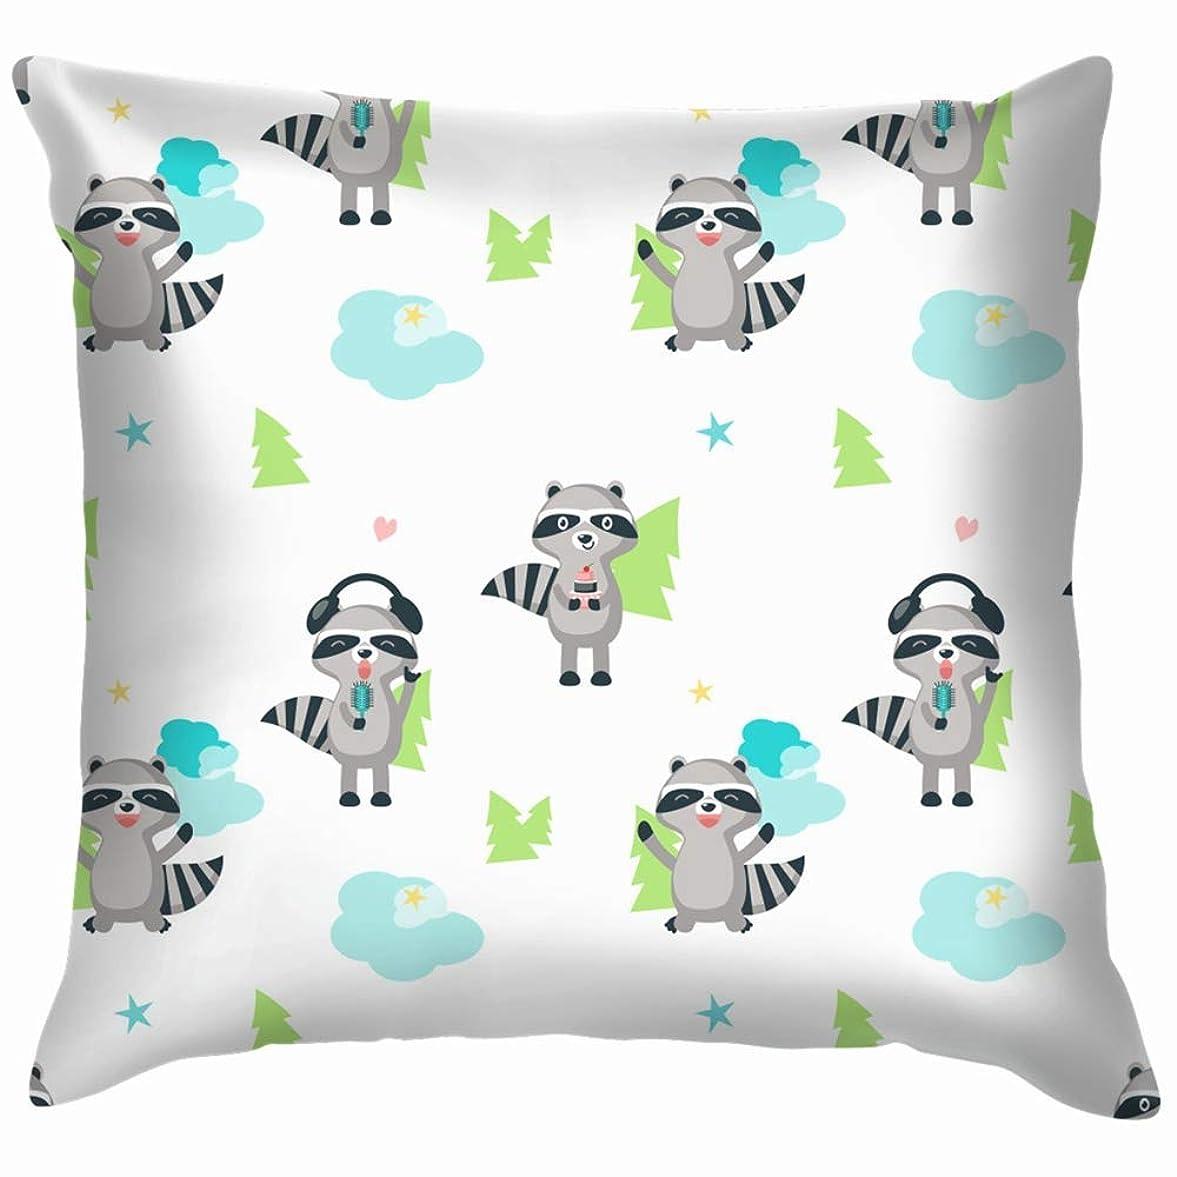 お世話になったチチカカ湖フィードオンかわいいアライグマ保持動物野生動物愛らしいスロー枕カバーホームソファクッションカバー枕ギフト45x45 cm